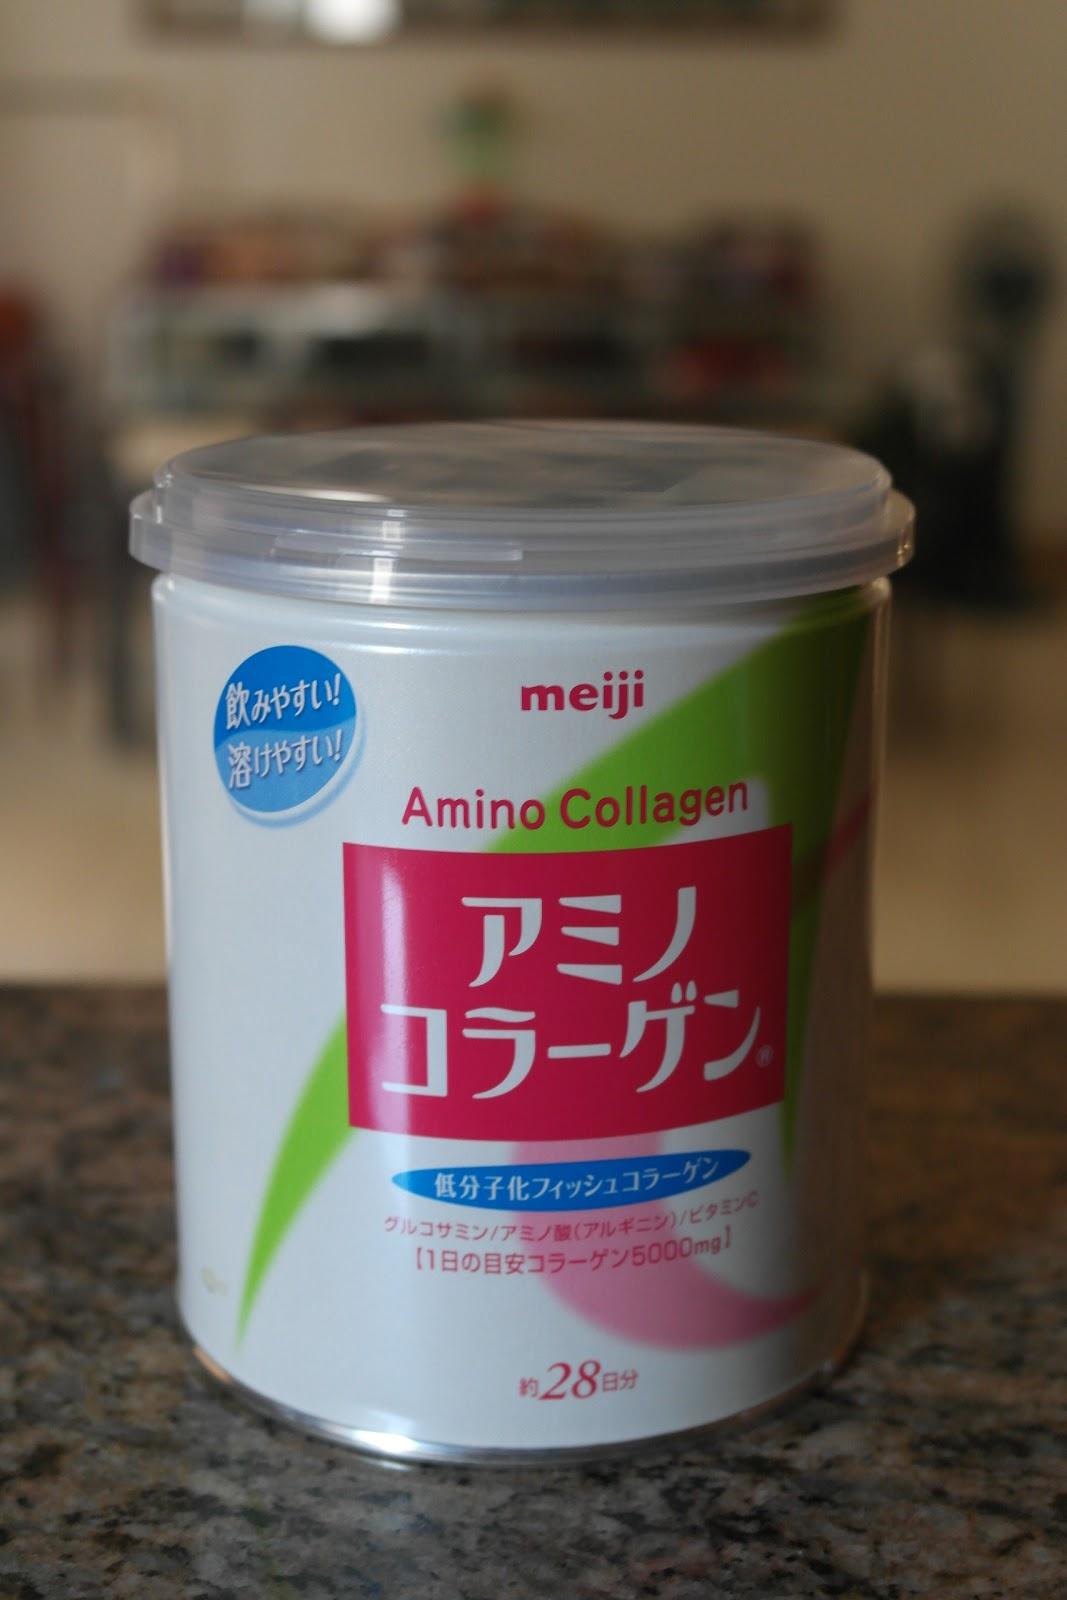 Stash 34 meiji amino collagen review for Best fish collagen